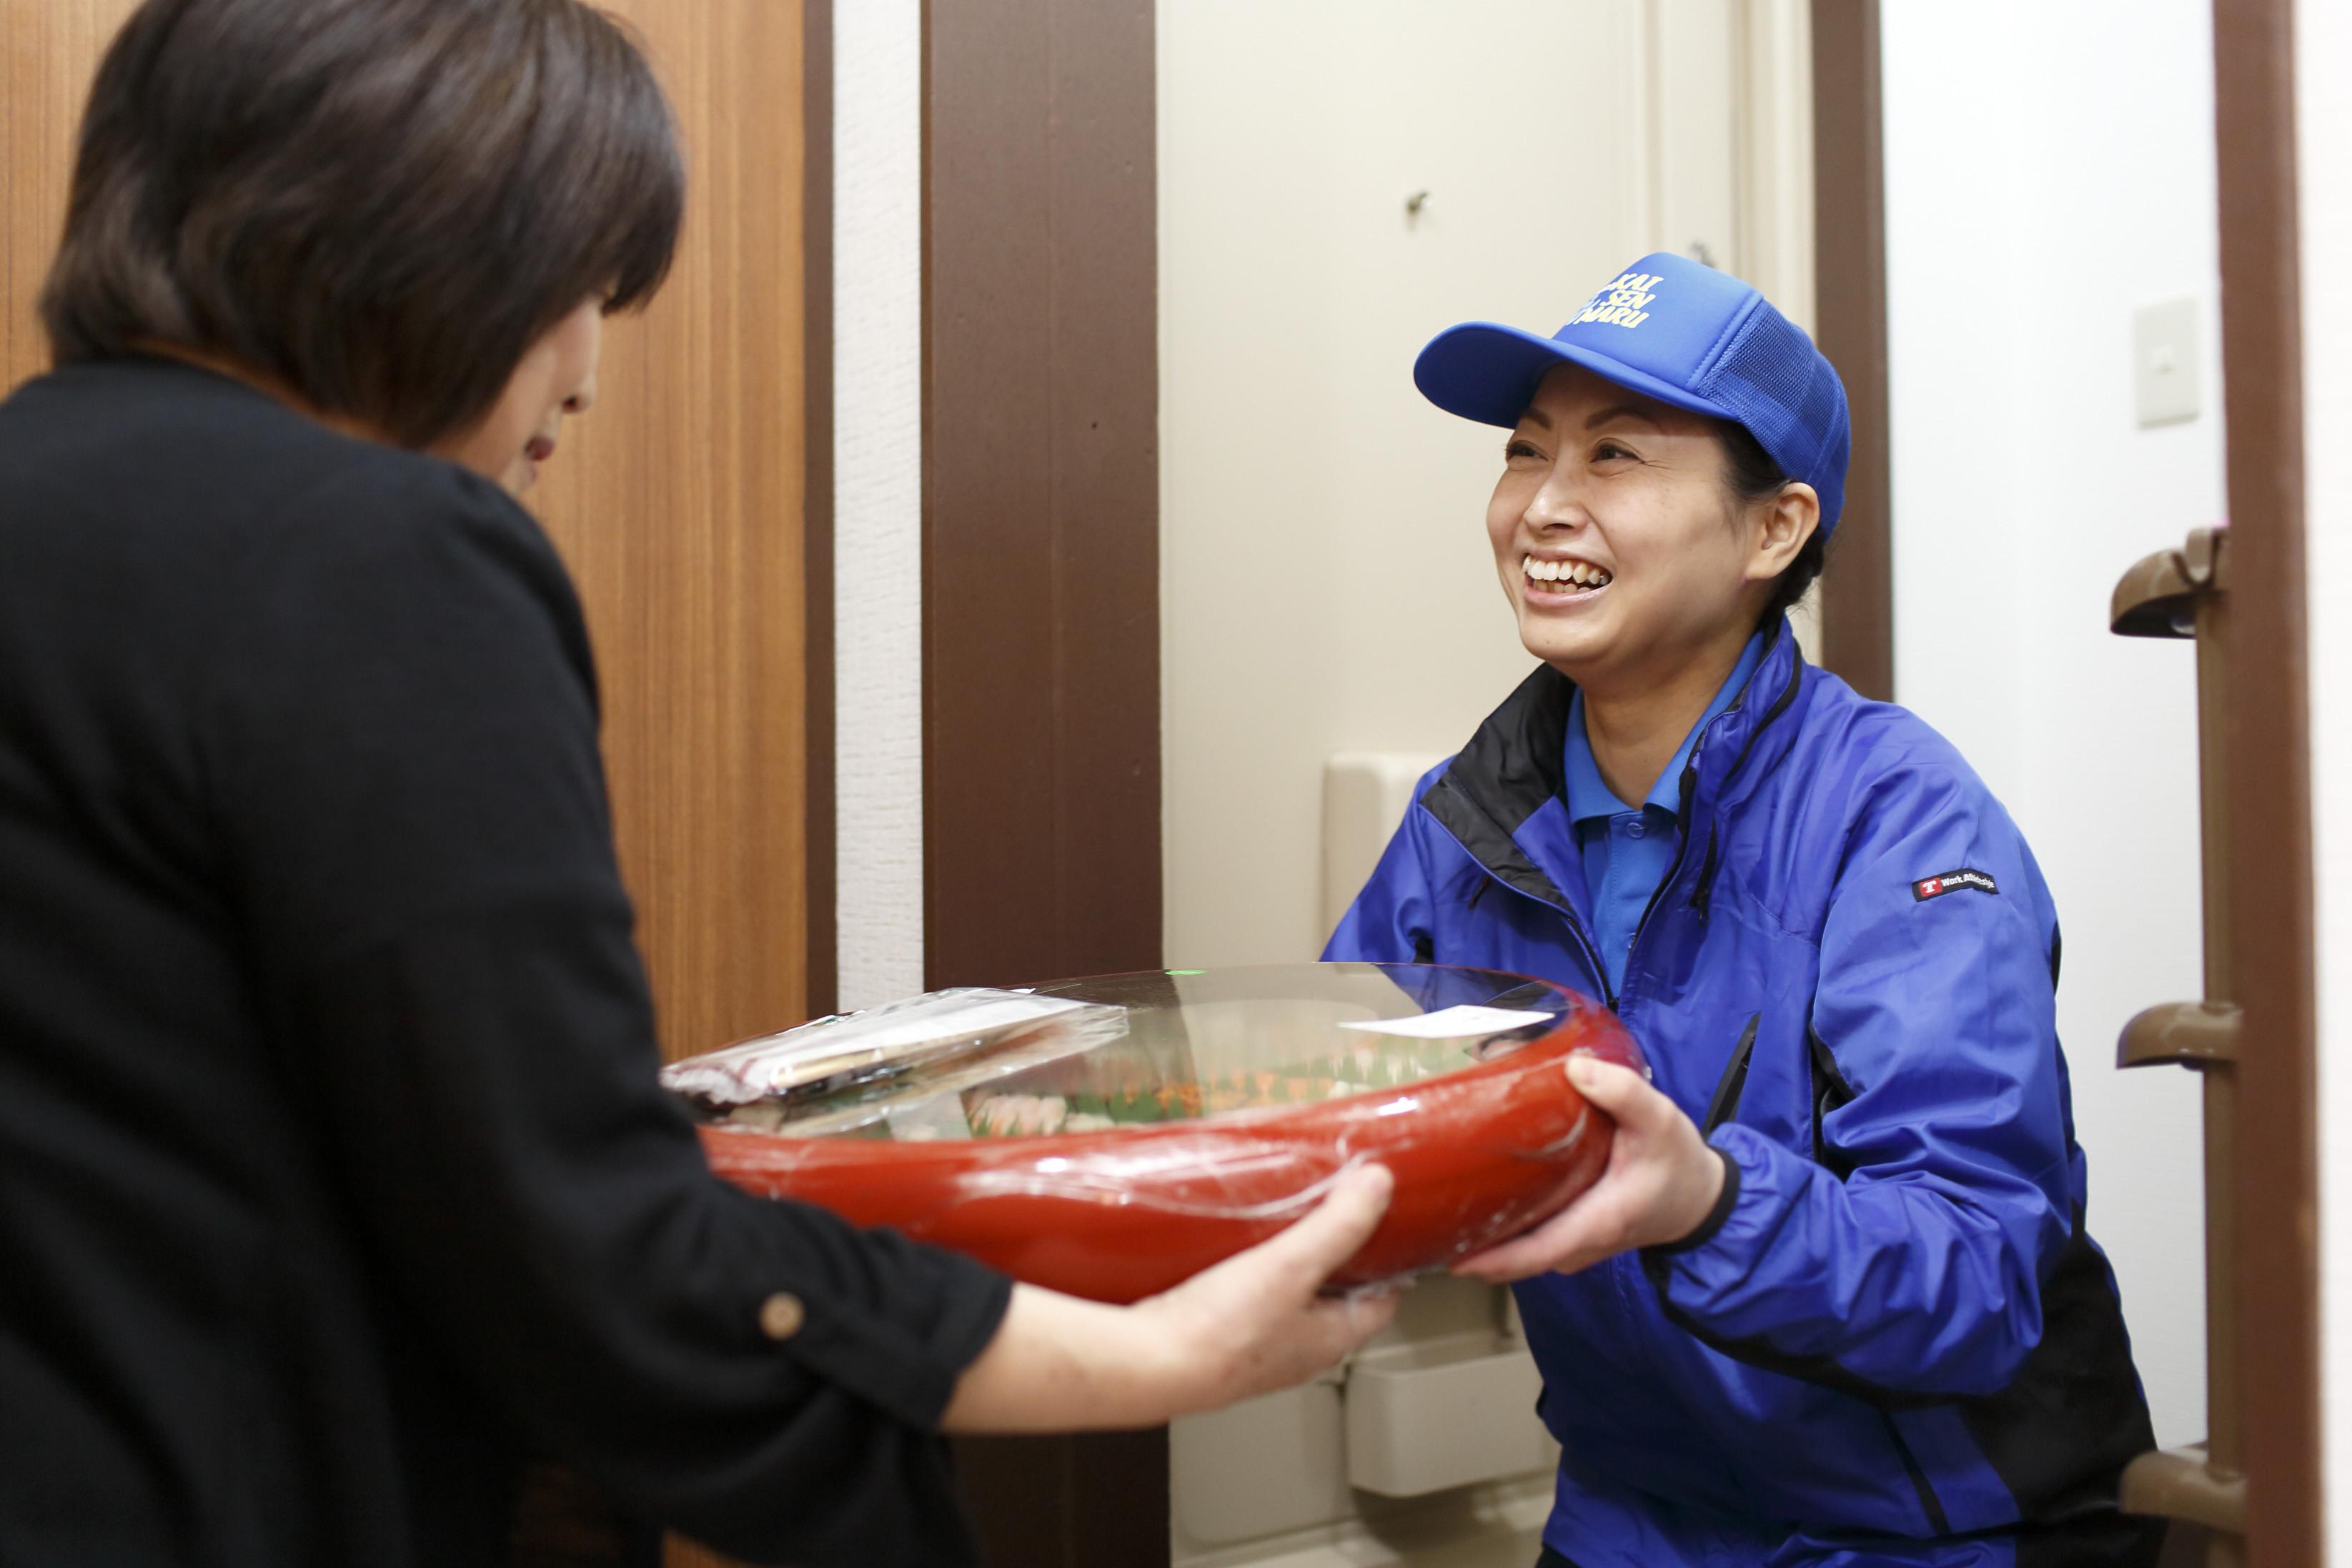 札幌海鮮丸 新道東店 デリバリー(配達)スタッフのアルバイト情報